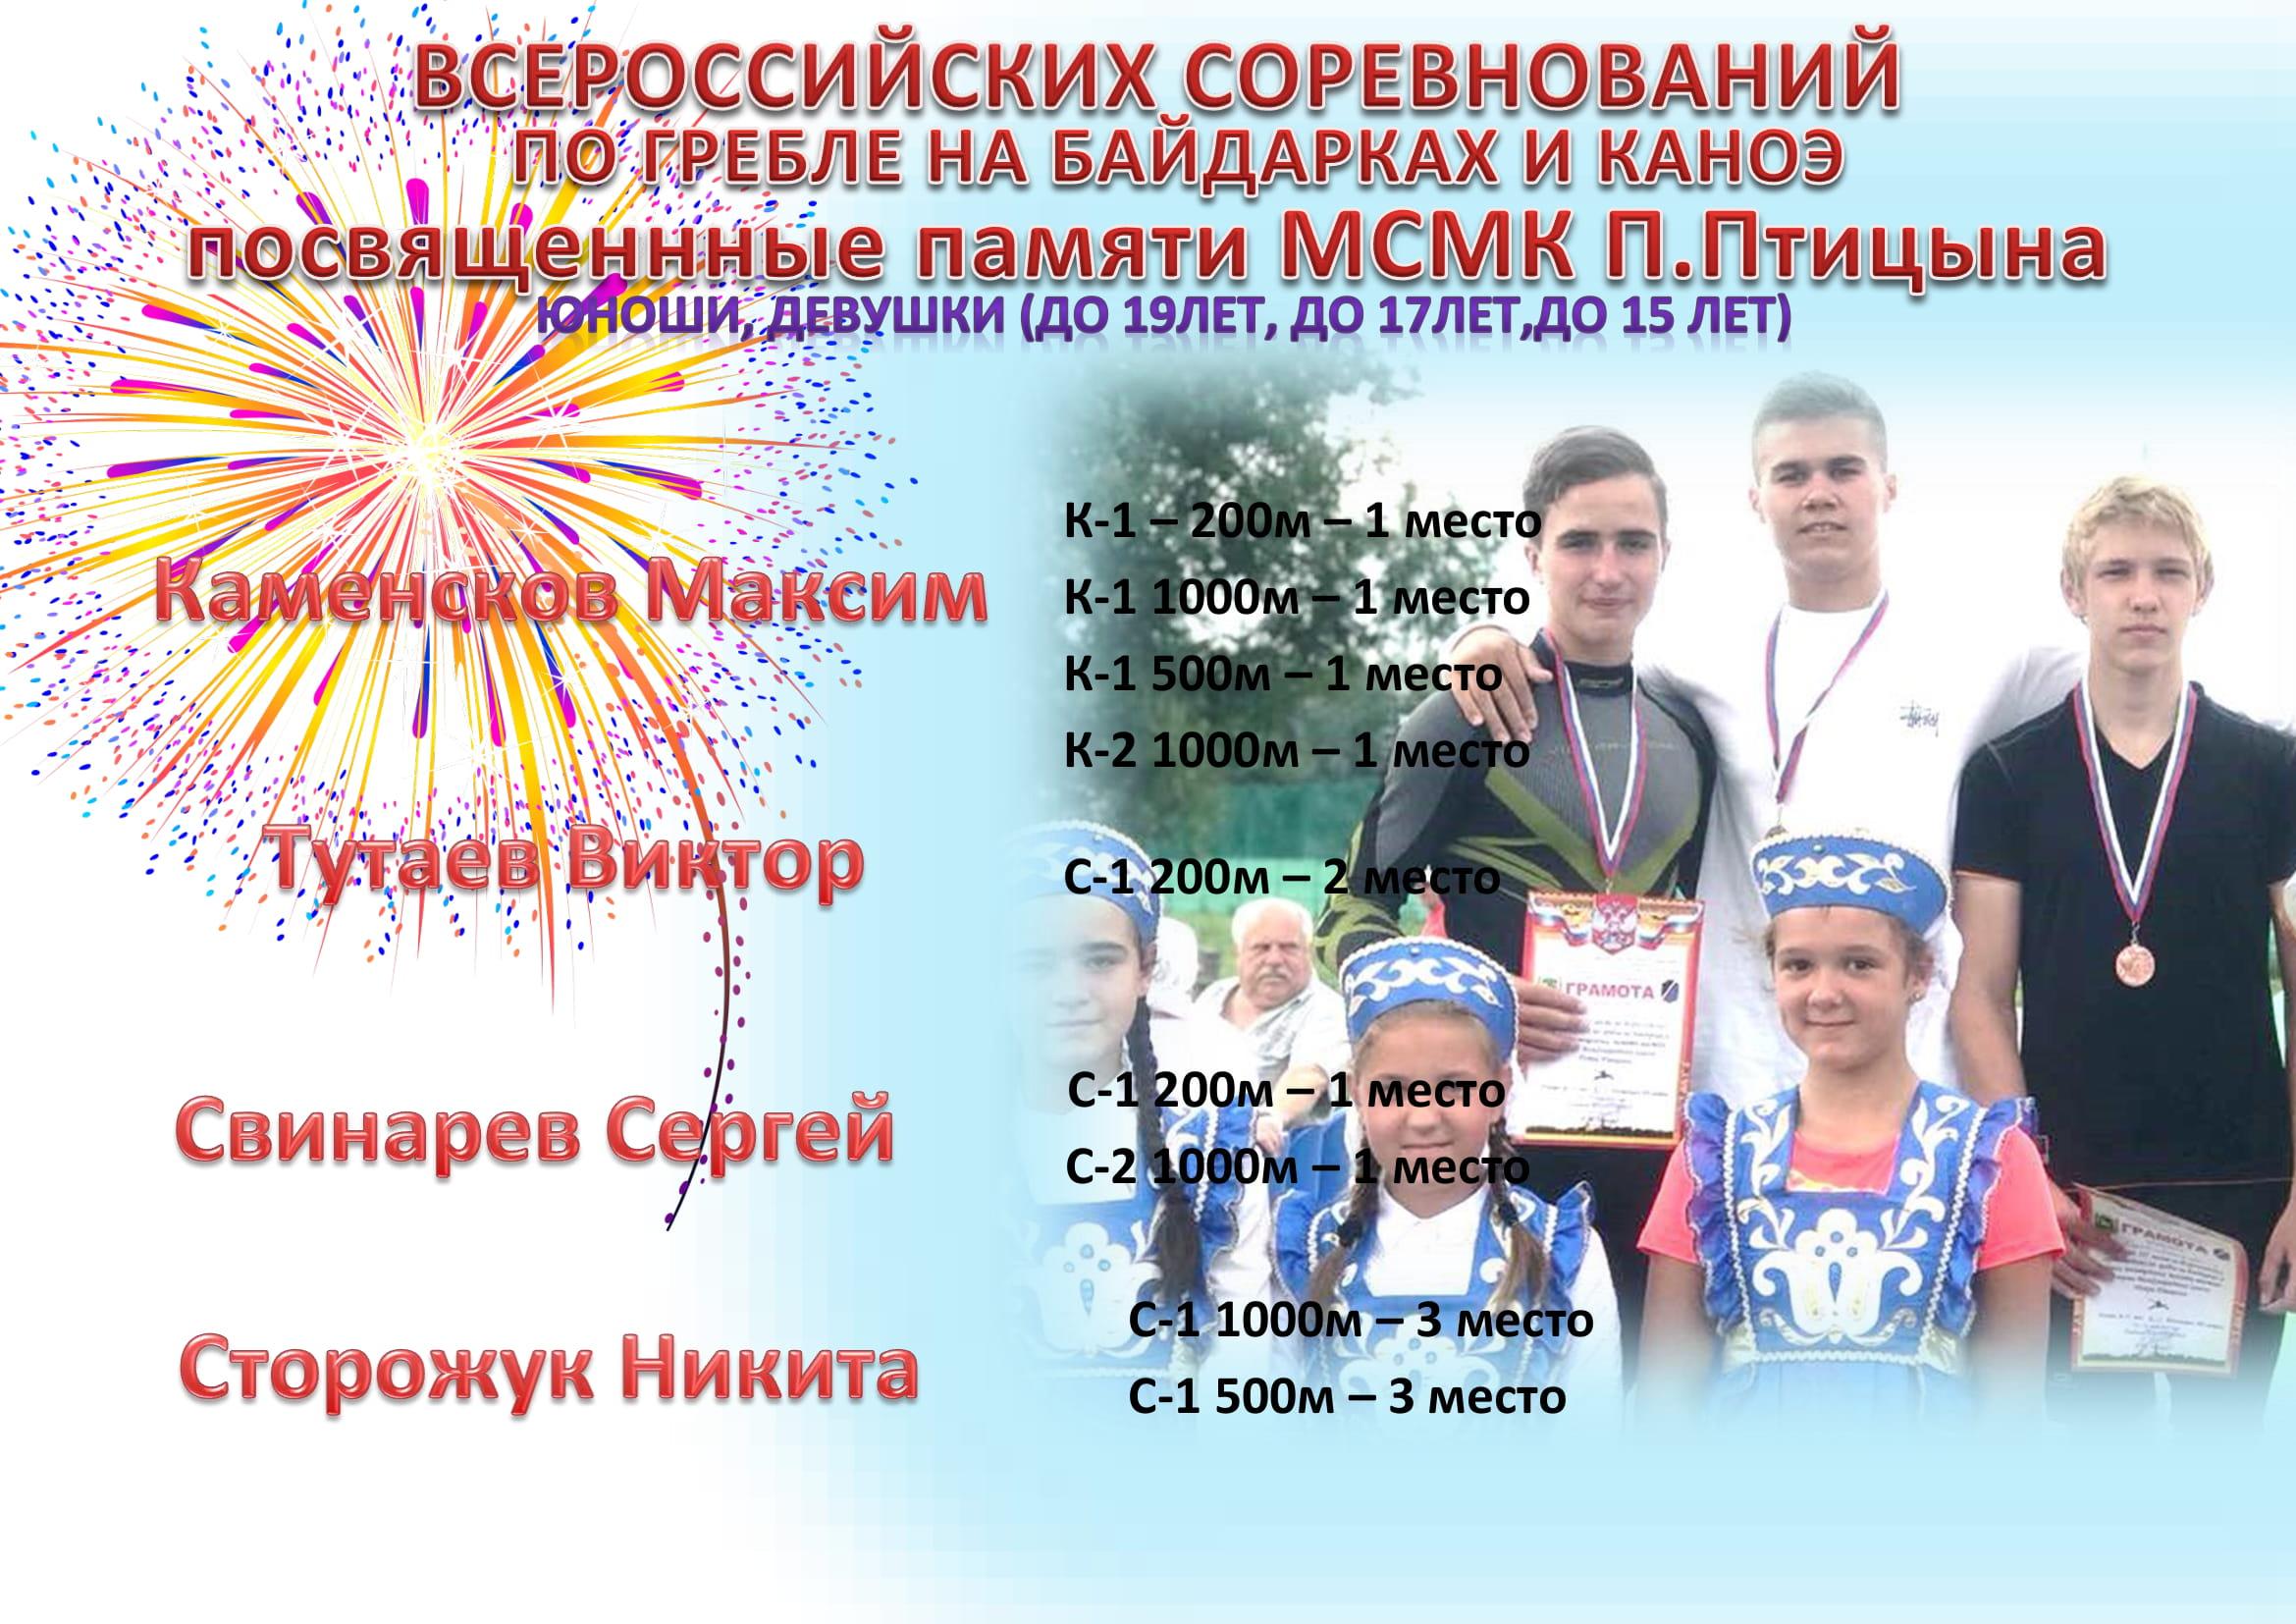 Всероссийские соревнования памяти П.Птицыно-1